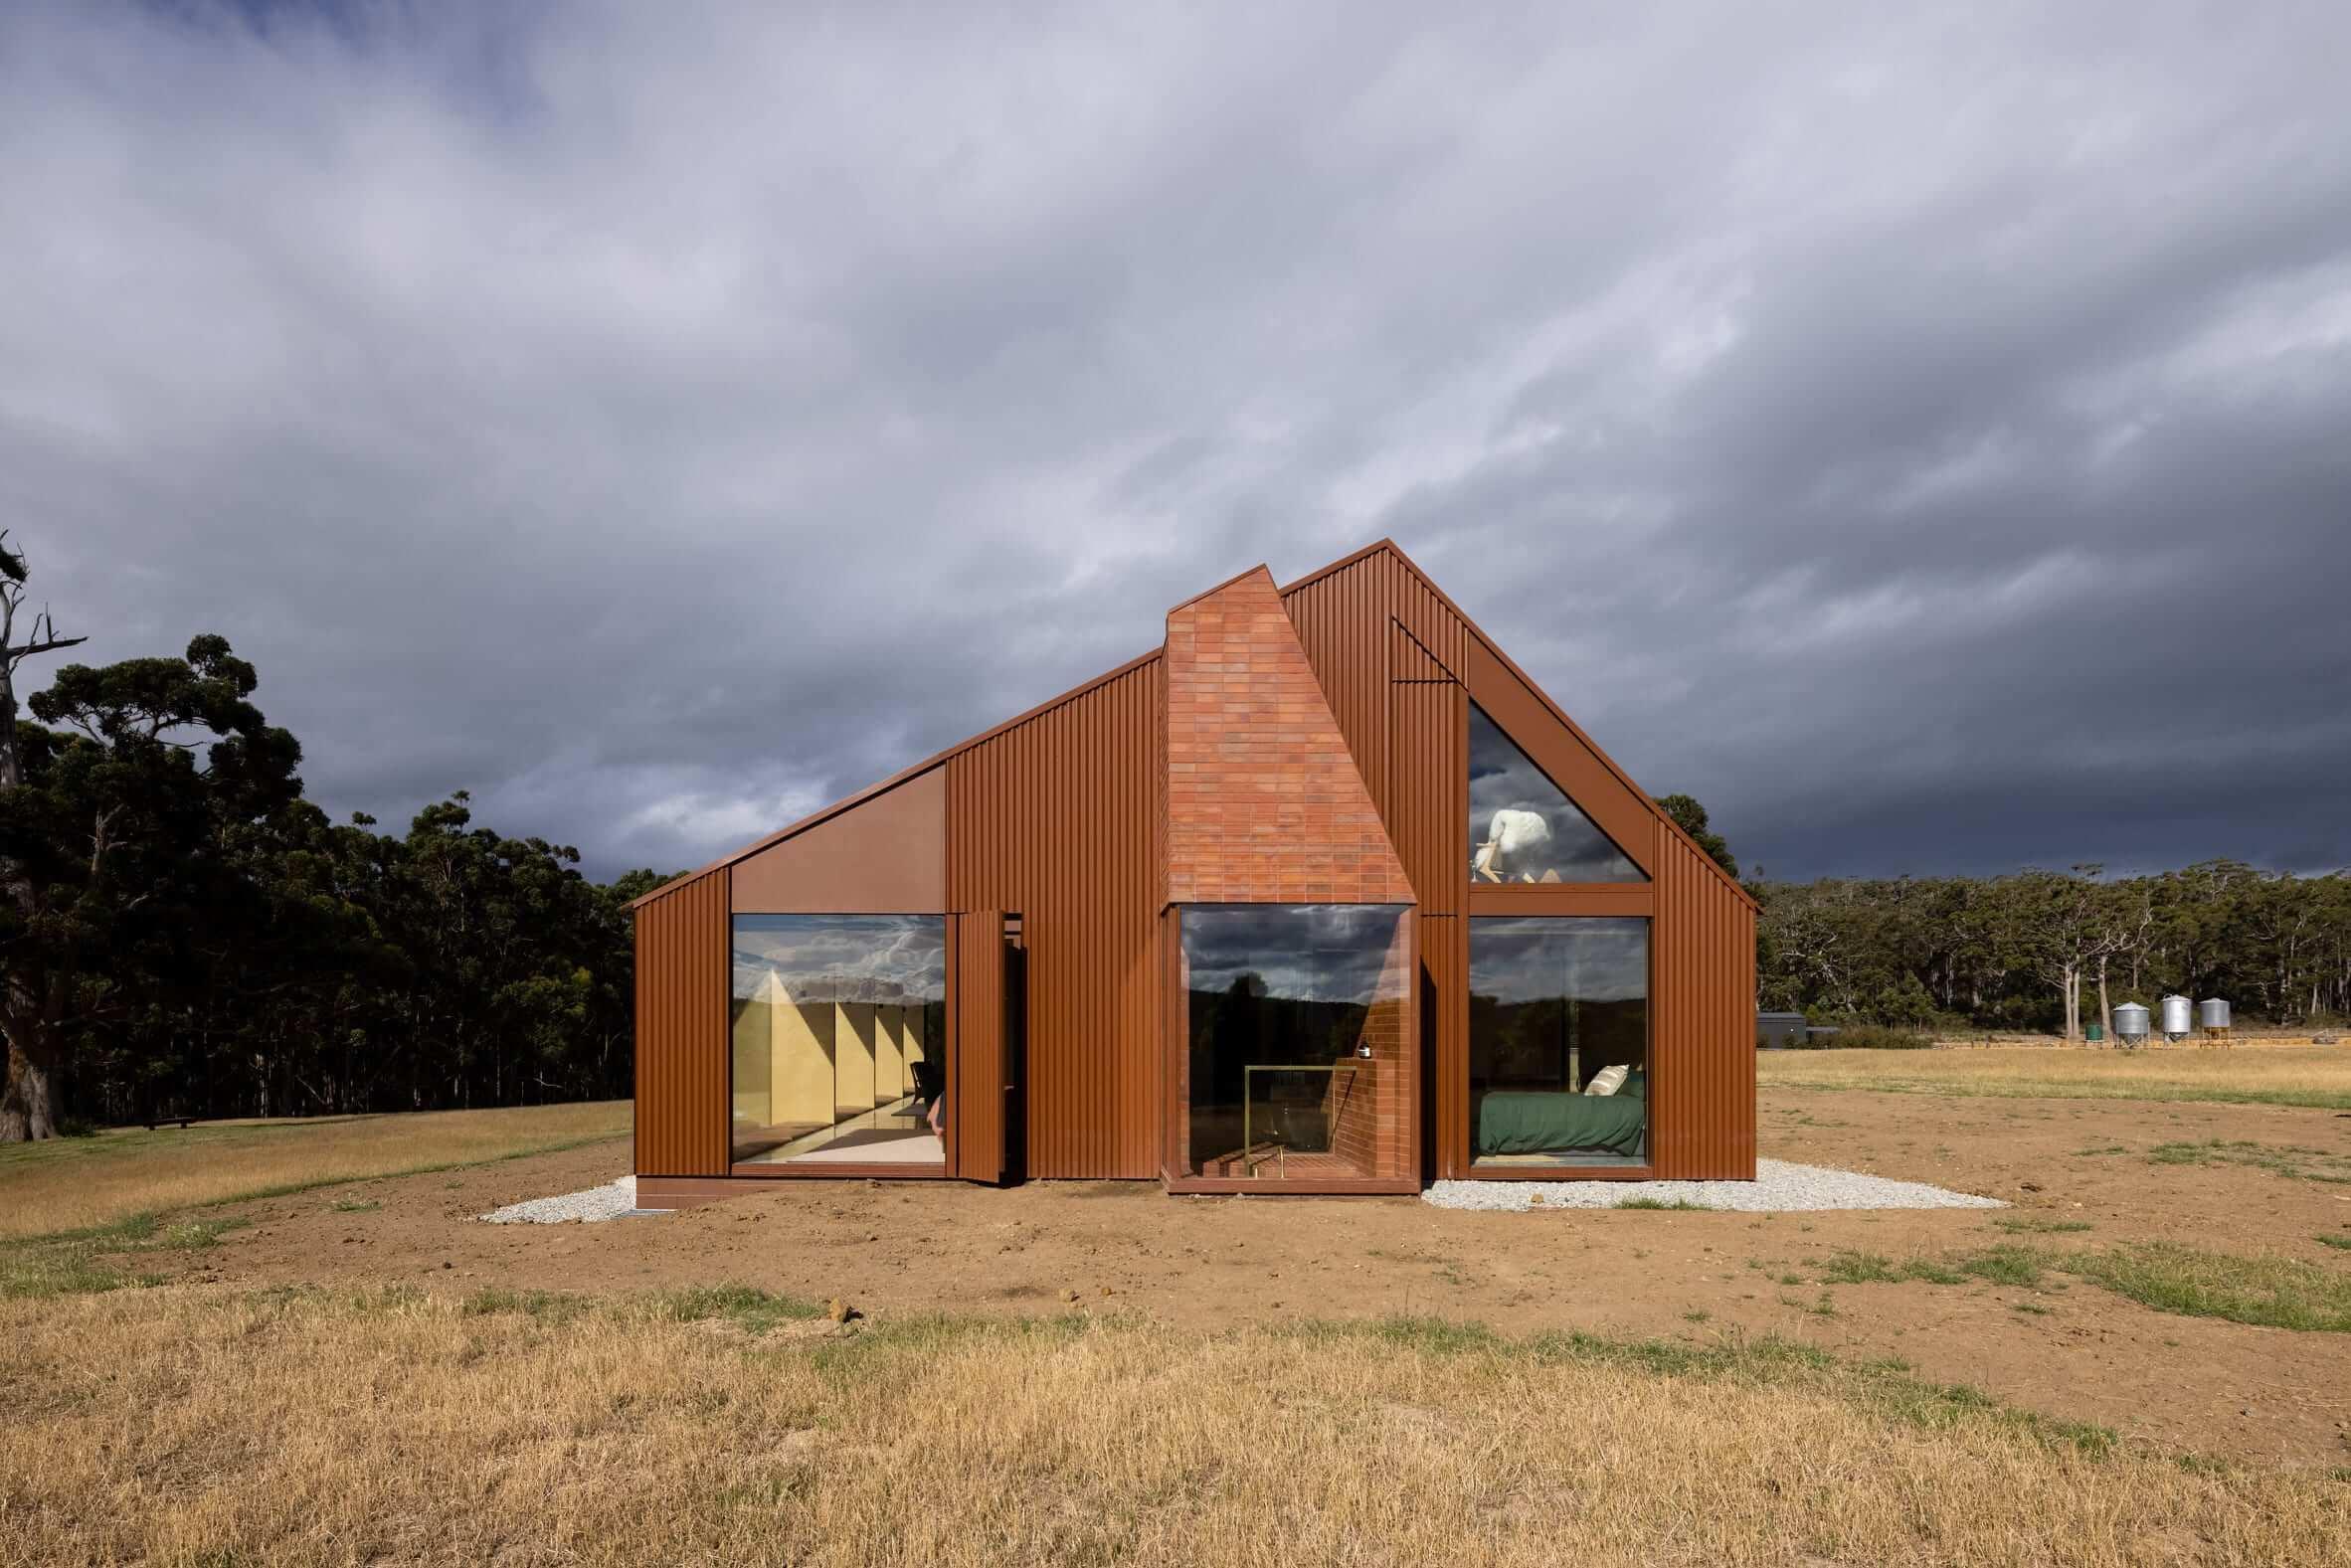 اقامتگاه کوپورث برداشت مدرن از یک مزرعه سنتی